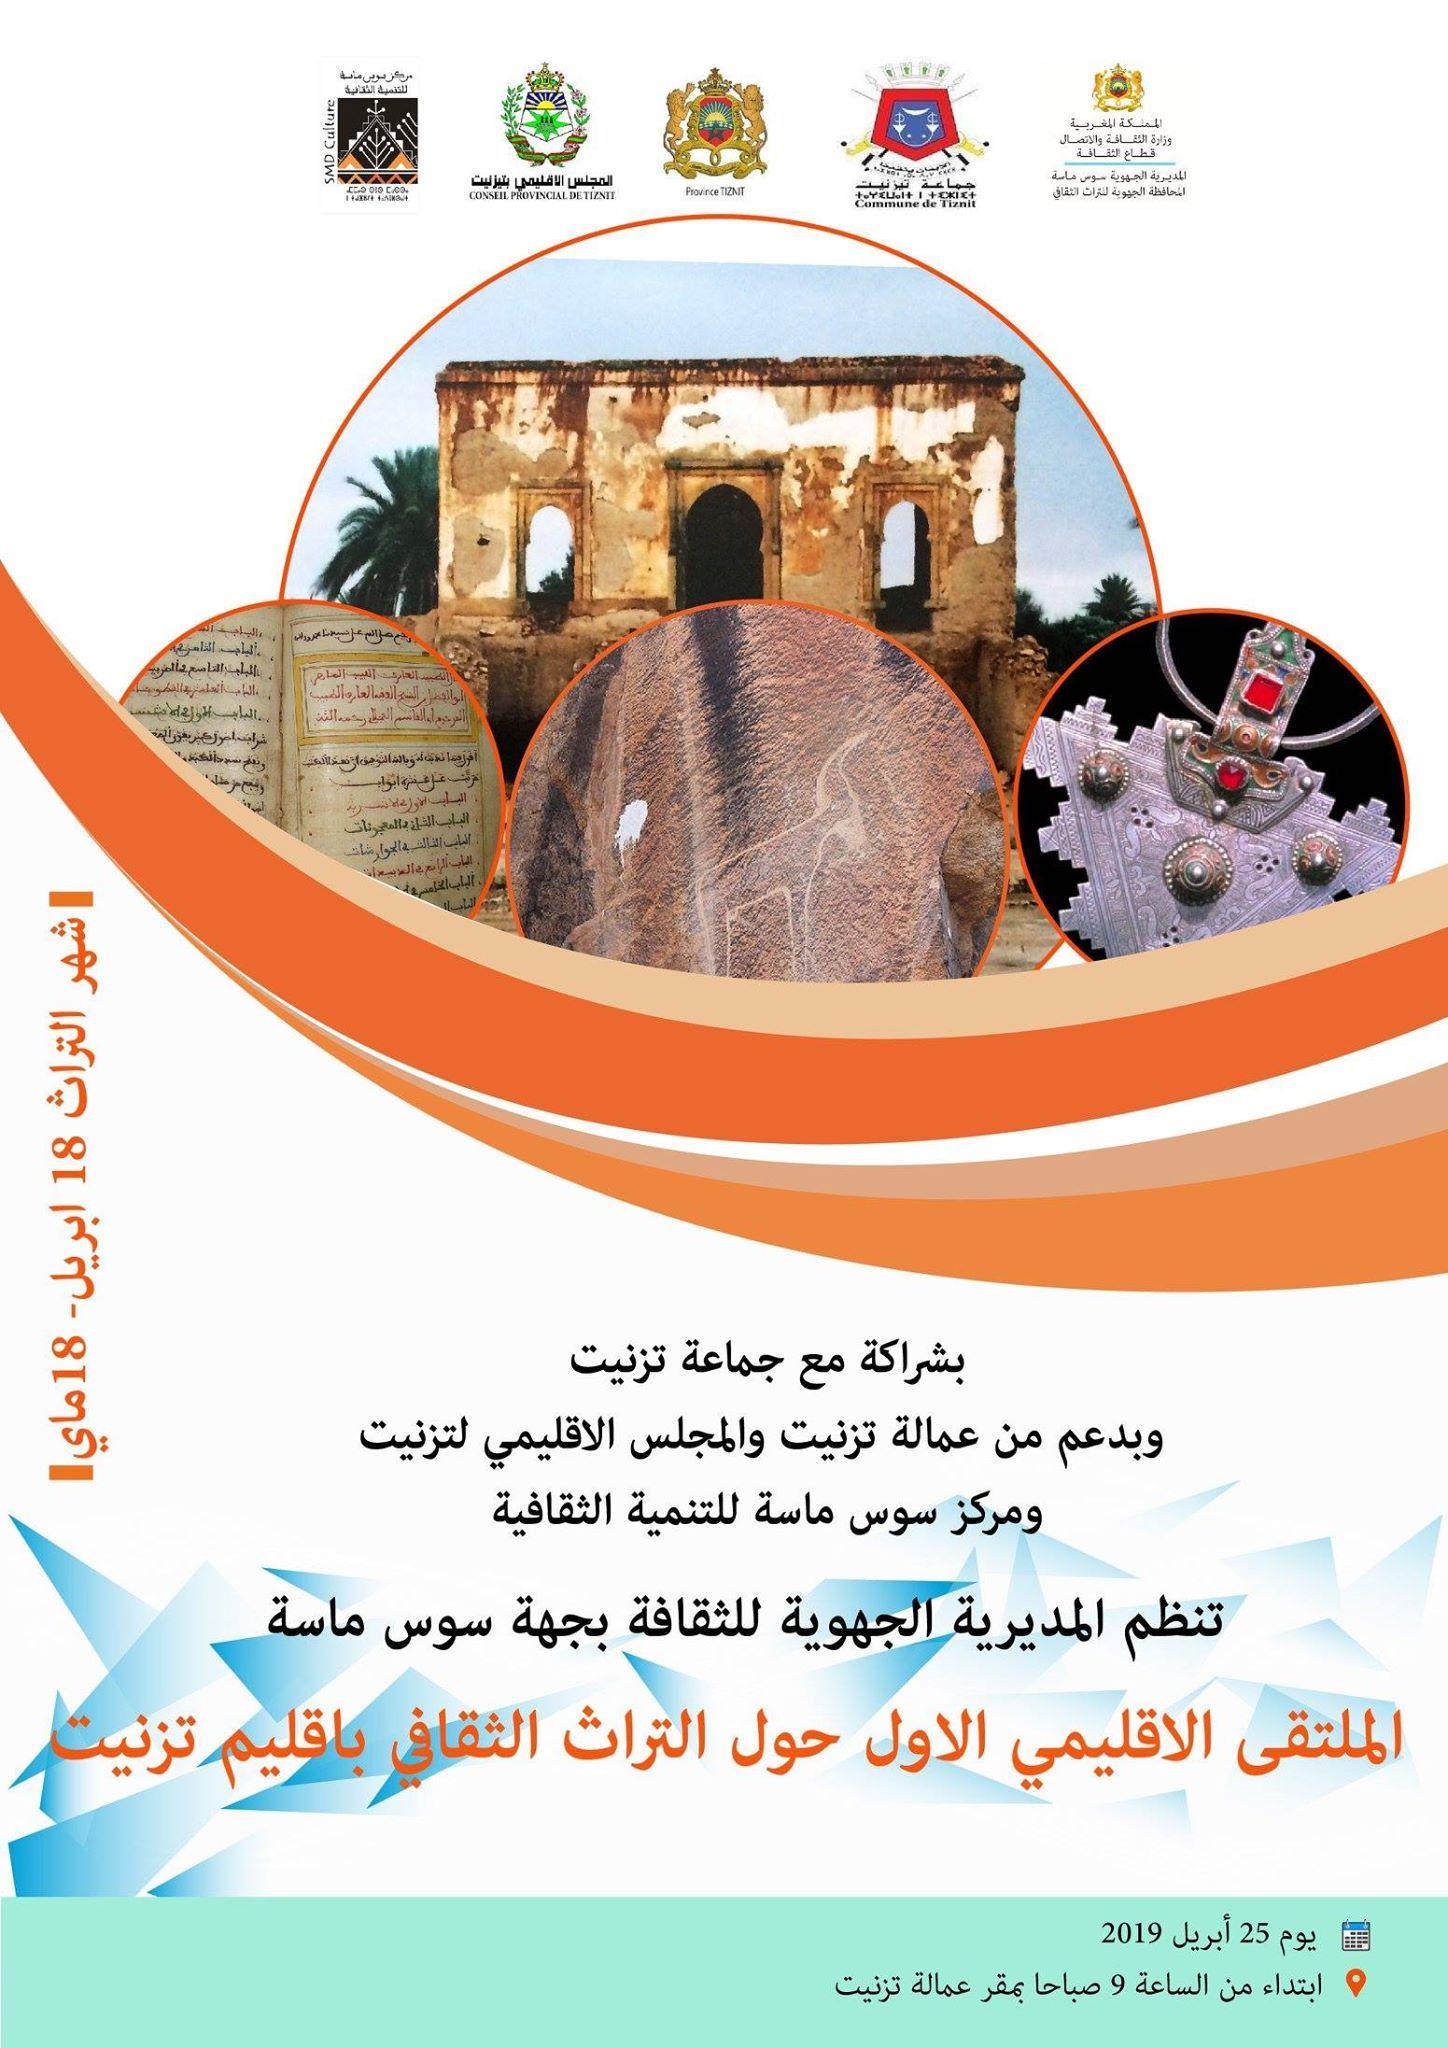 الملتقى الإقليمي 01 حول التراث الثقافي بمدينة تيزنيت الخميس 25 أبريل الجاري